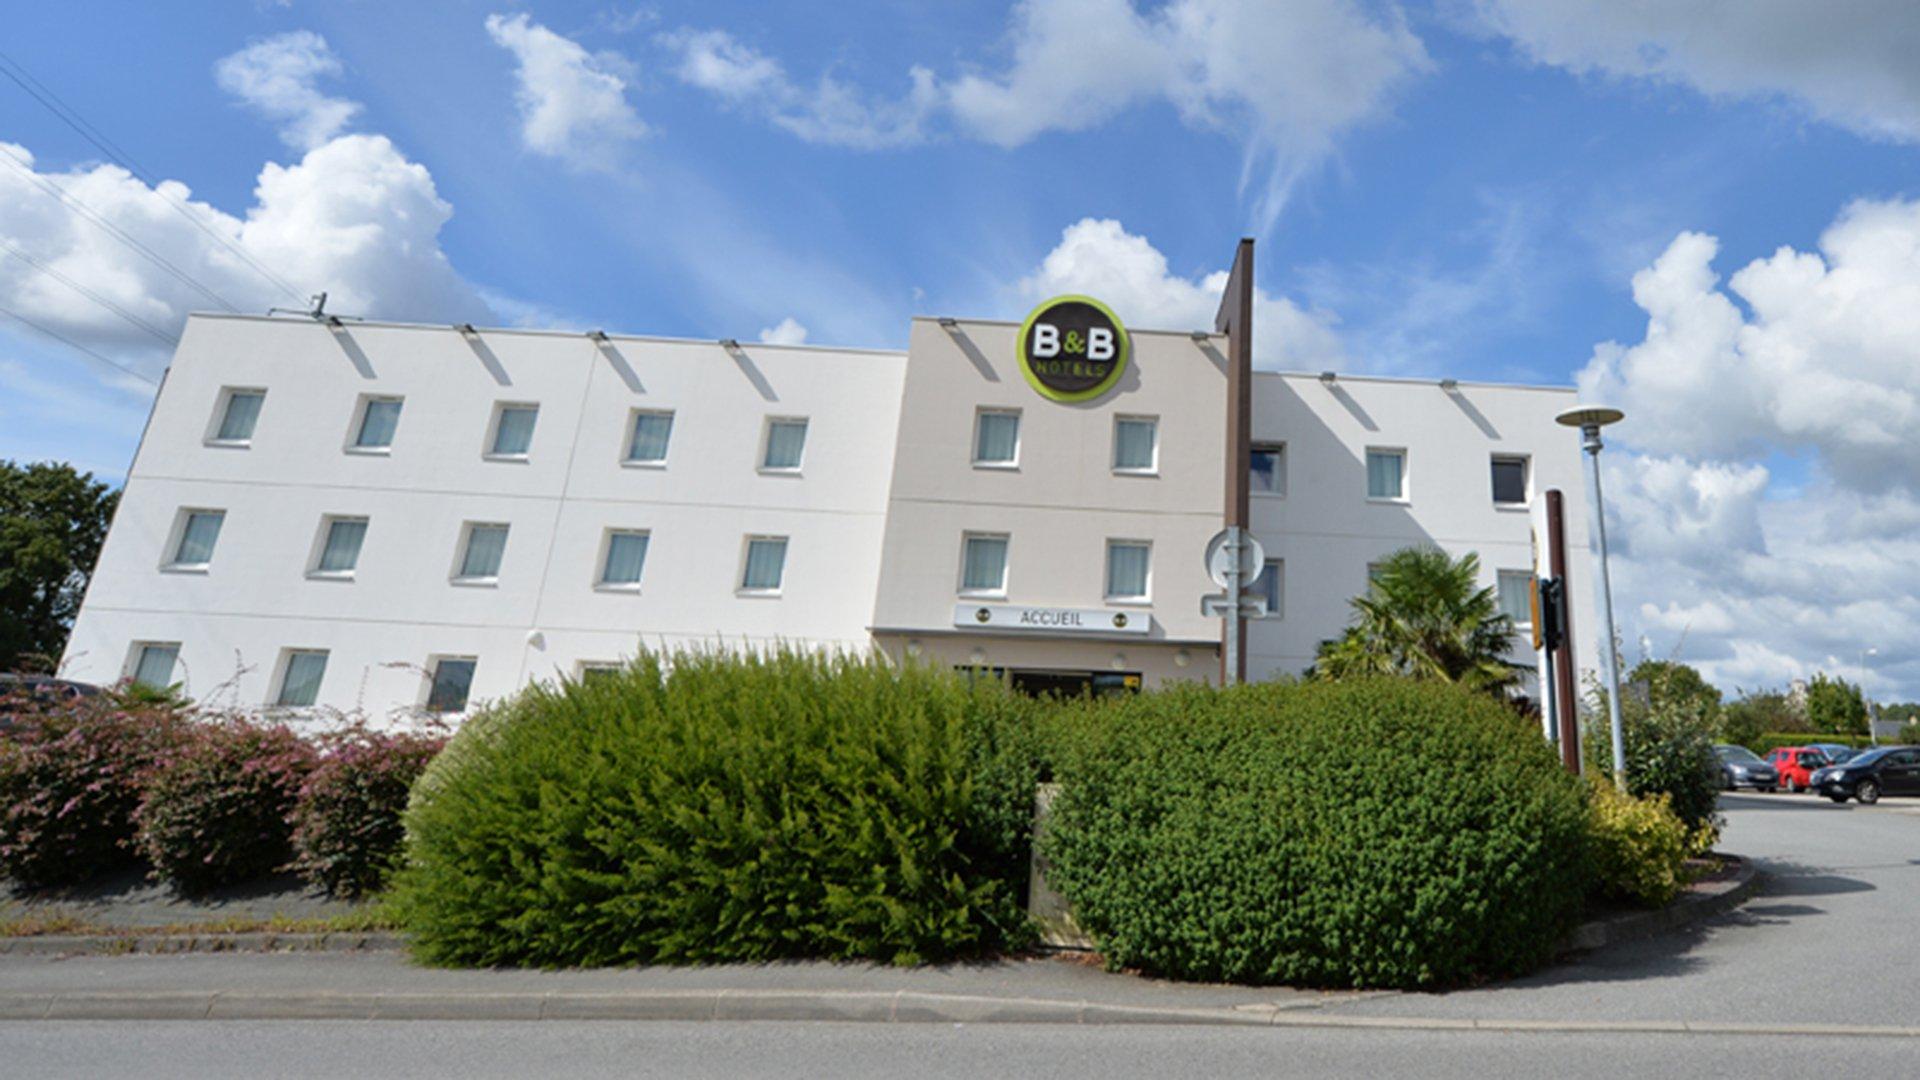 B&B Hotel Vannes Ouest Golfe du Morbihan